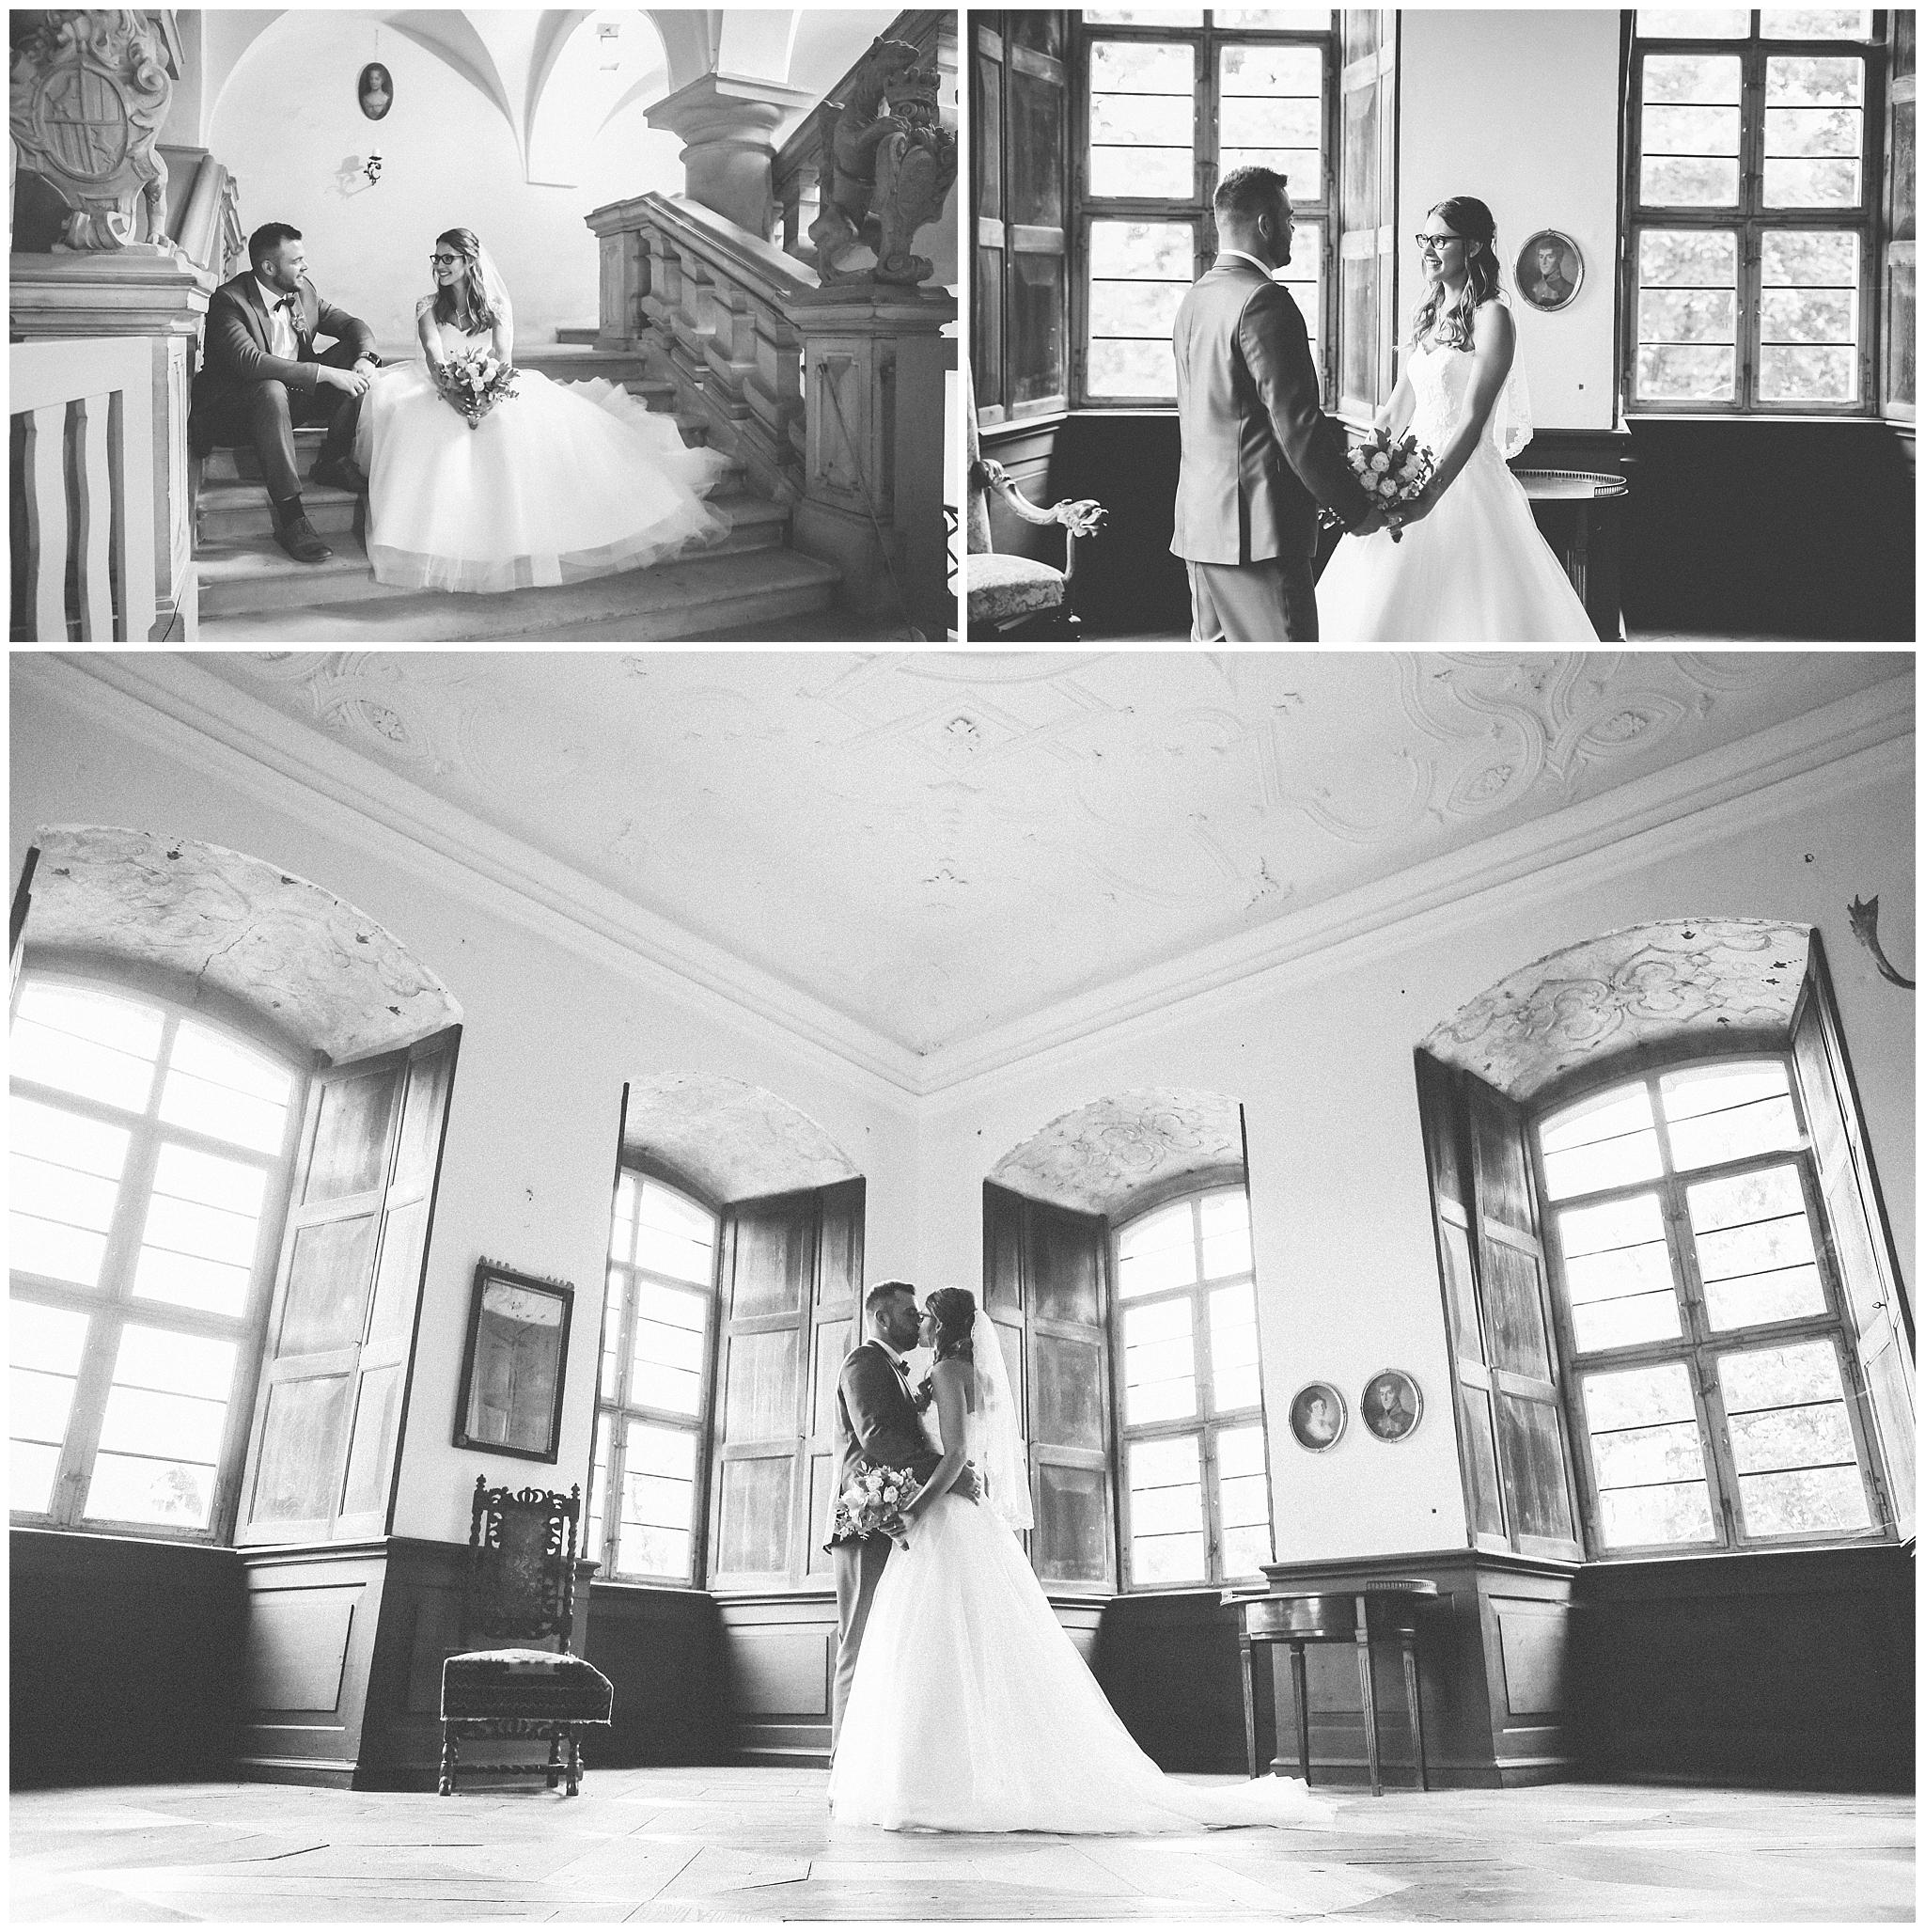 Hochzeit_Menninger_dieLICHTBUILDER_69.jpg